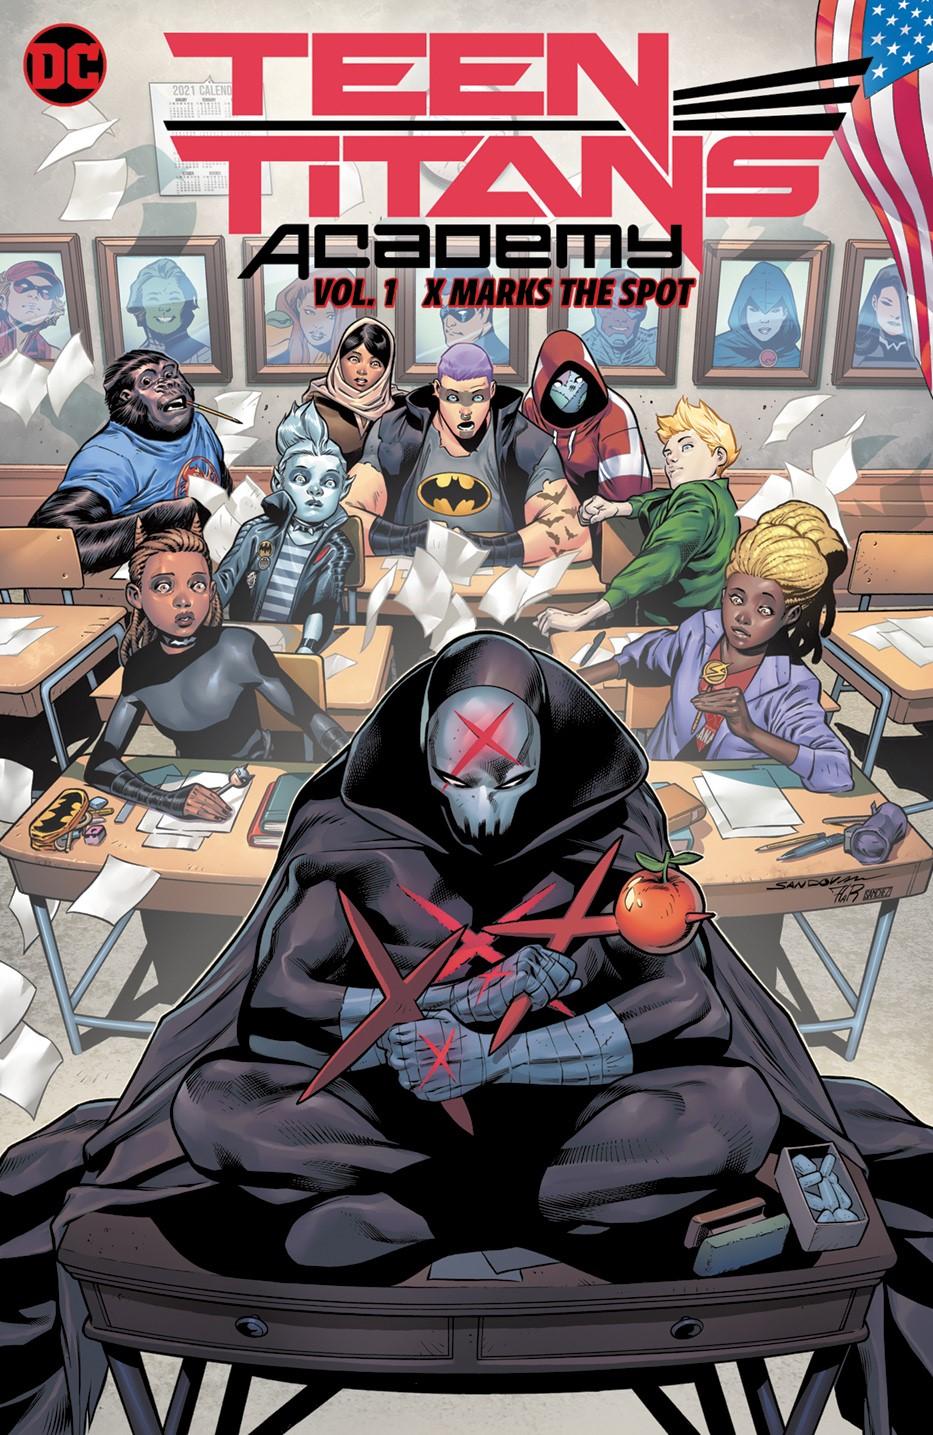 Teen_Titans_Academy-Vol_1 DC Comics November 2021 Solicitations